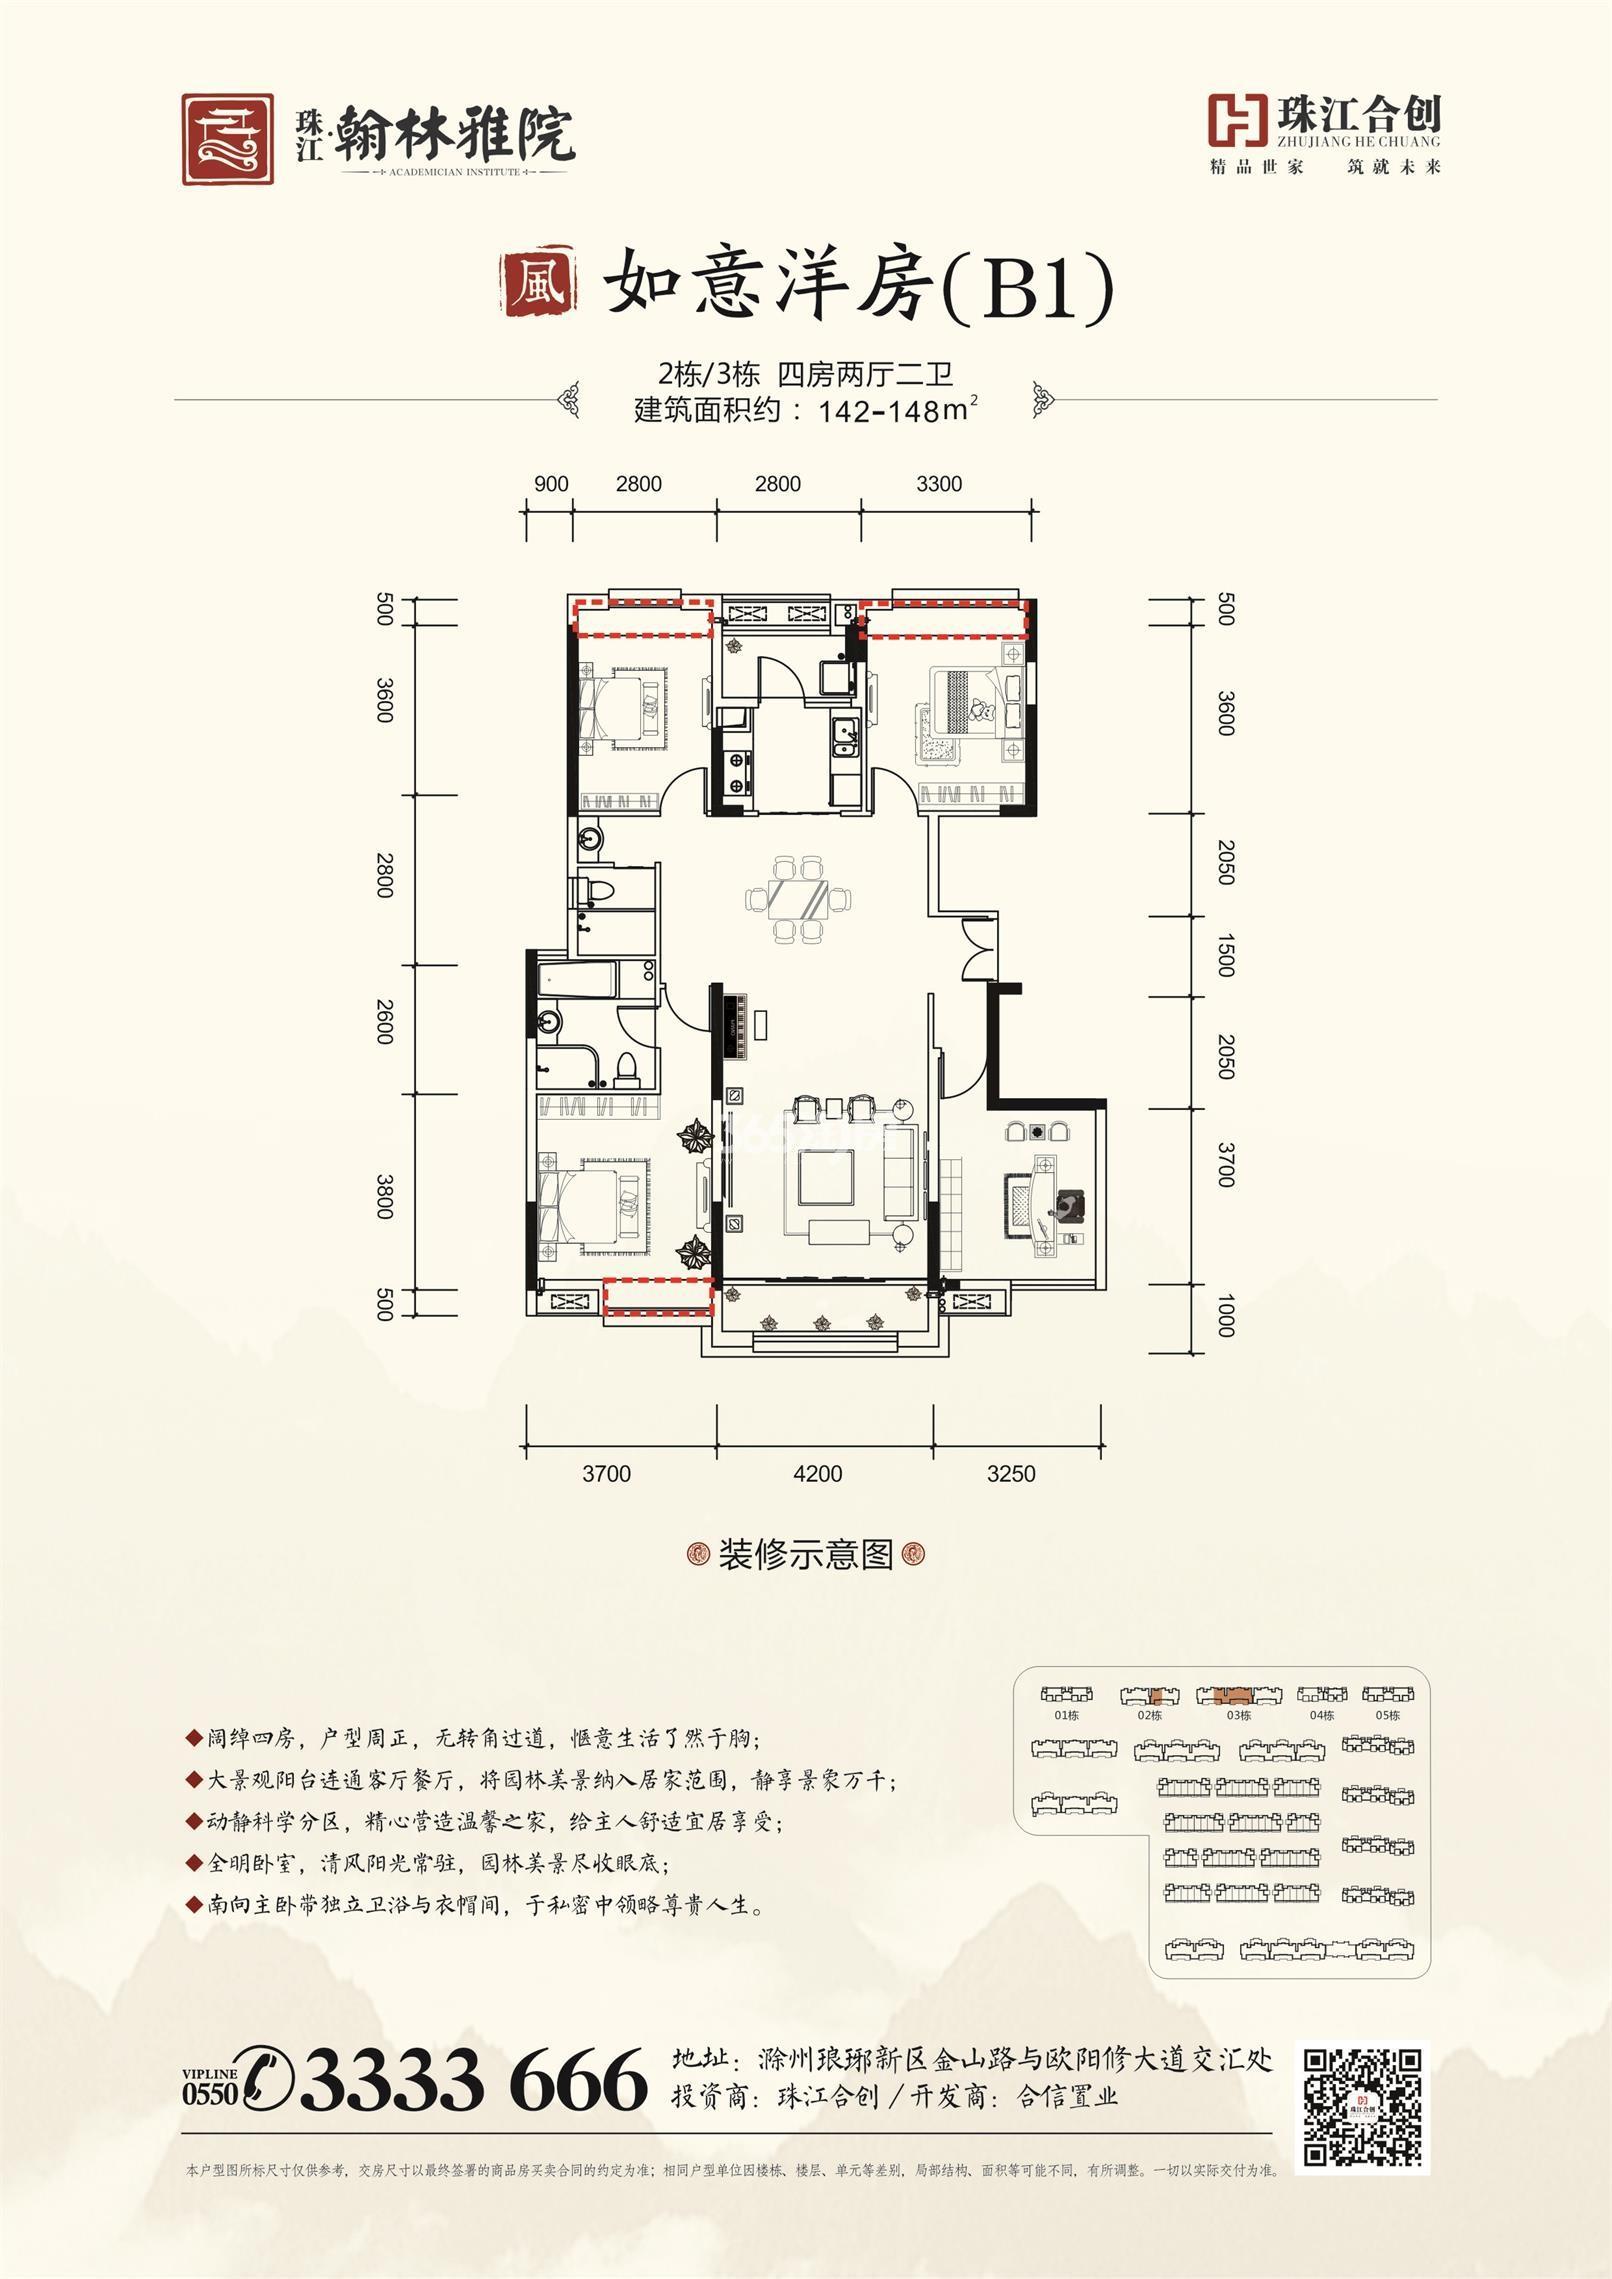 珠江翰林雅院 如意洋房b1户型